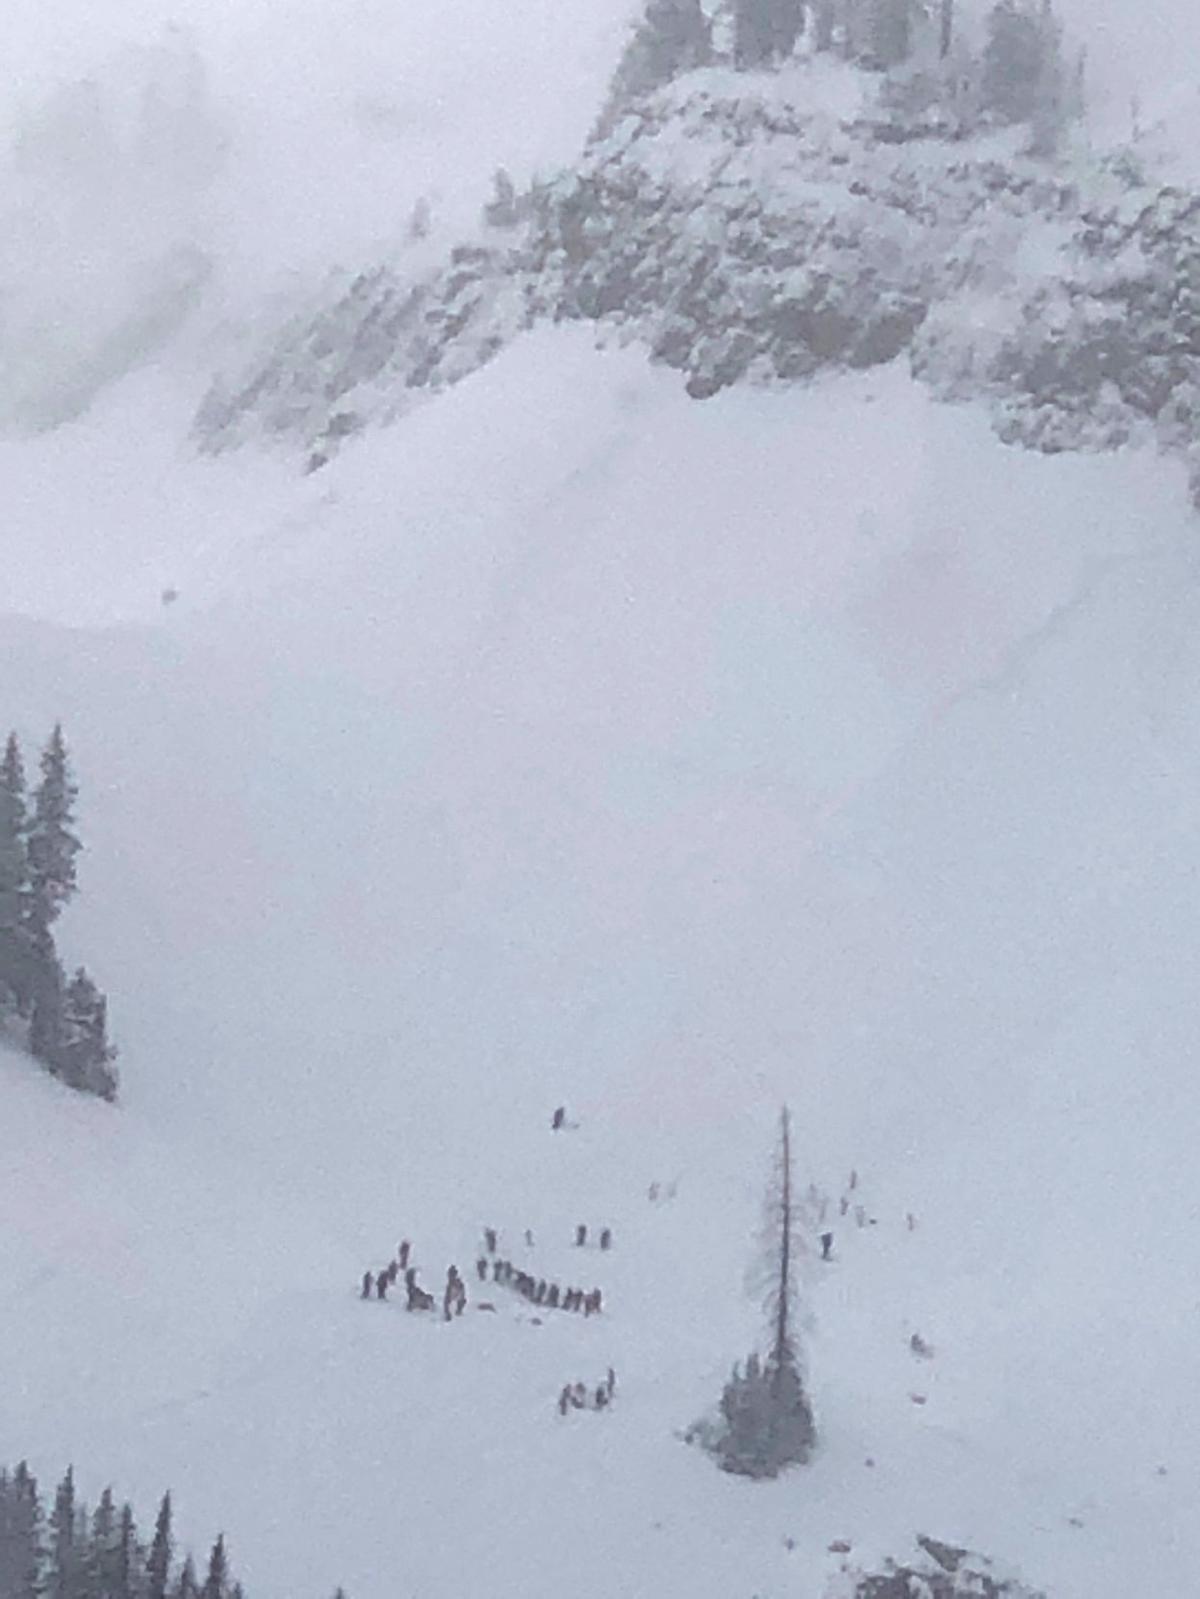 JHMR avalanche